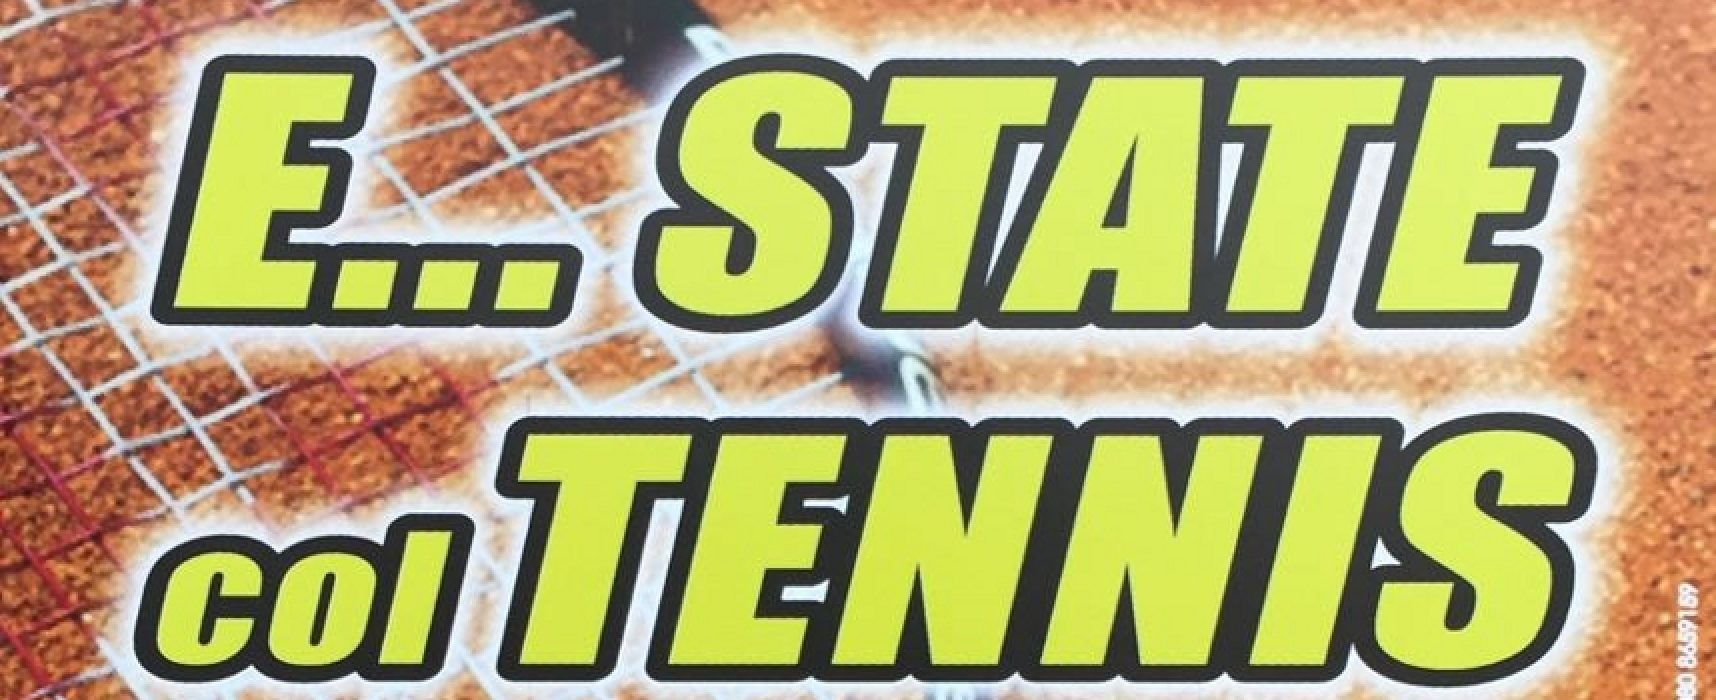 Sporting Tennis Club Bisceglie, ecco i corsi estivi per gli sportivi di tutte le età